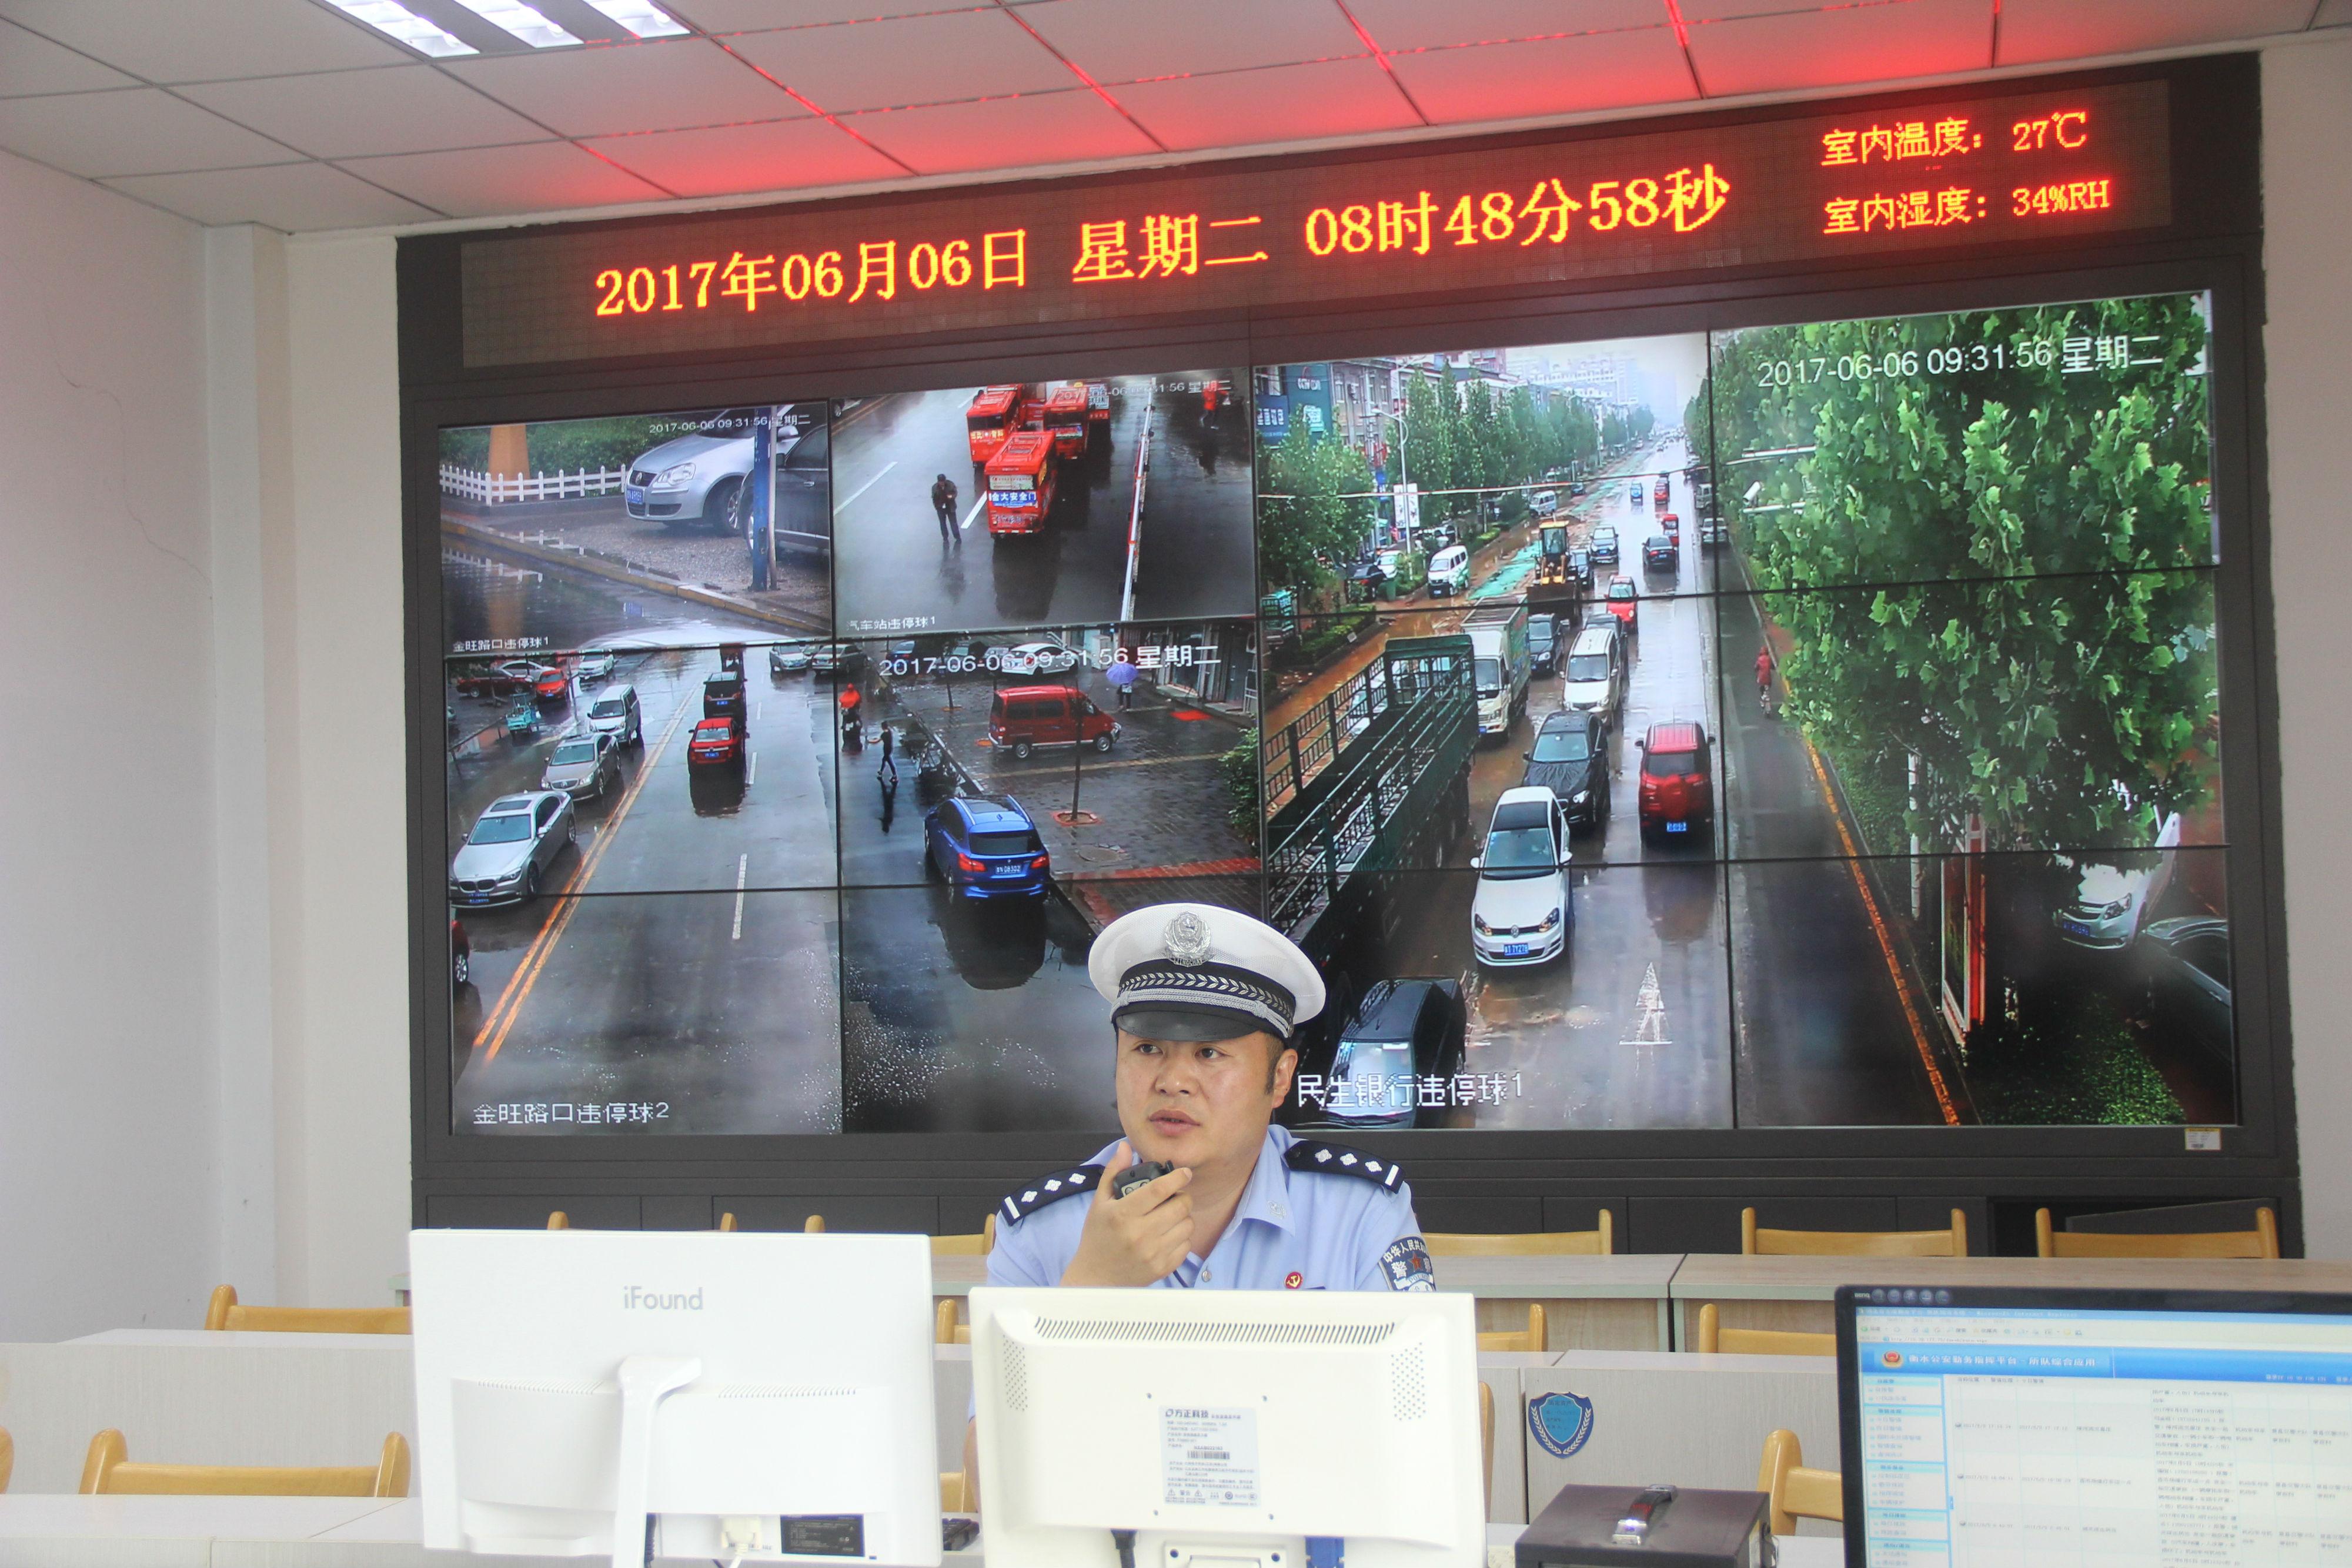 美丽w88中文版w88优德.com·最美交警荣誉奖——王俊宇